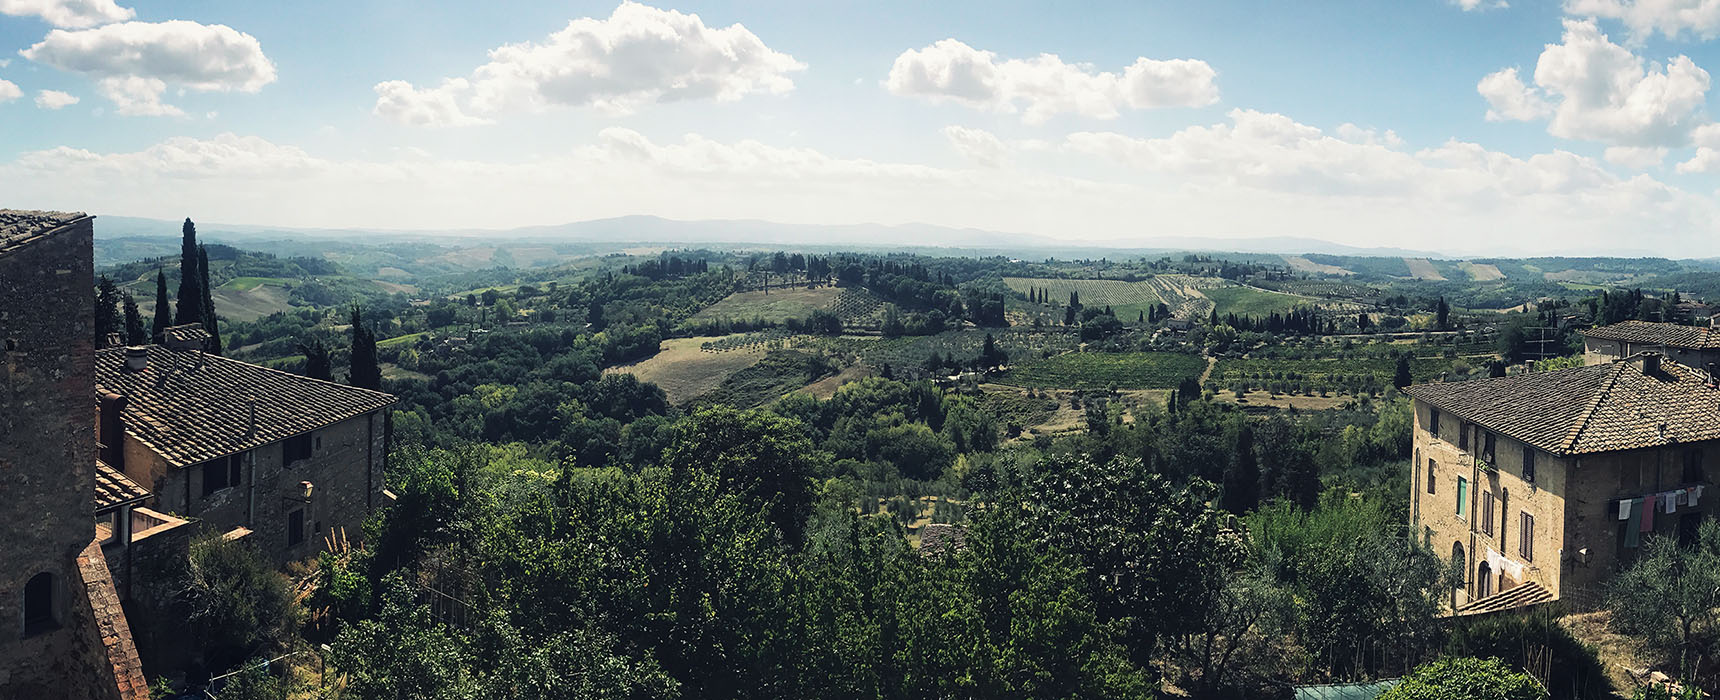 6 bonnes raisons de découvrir la Toscane!